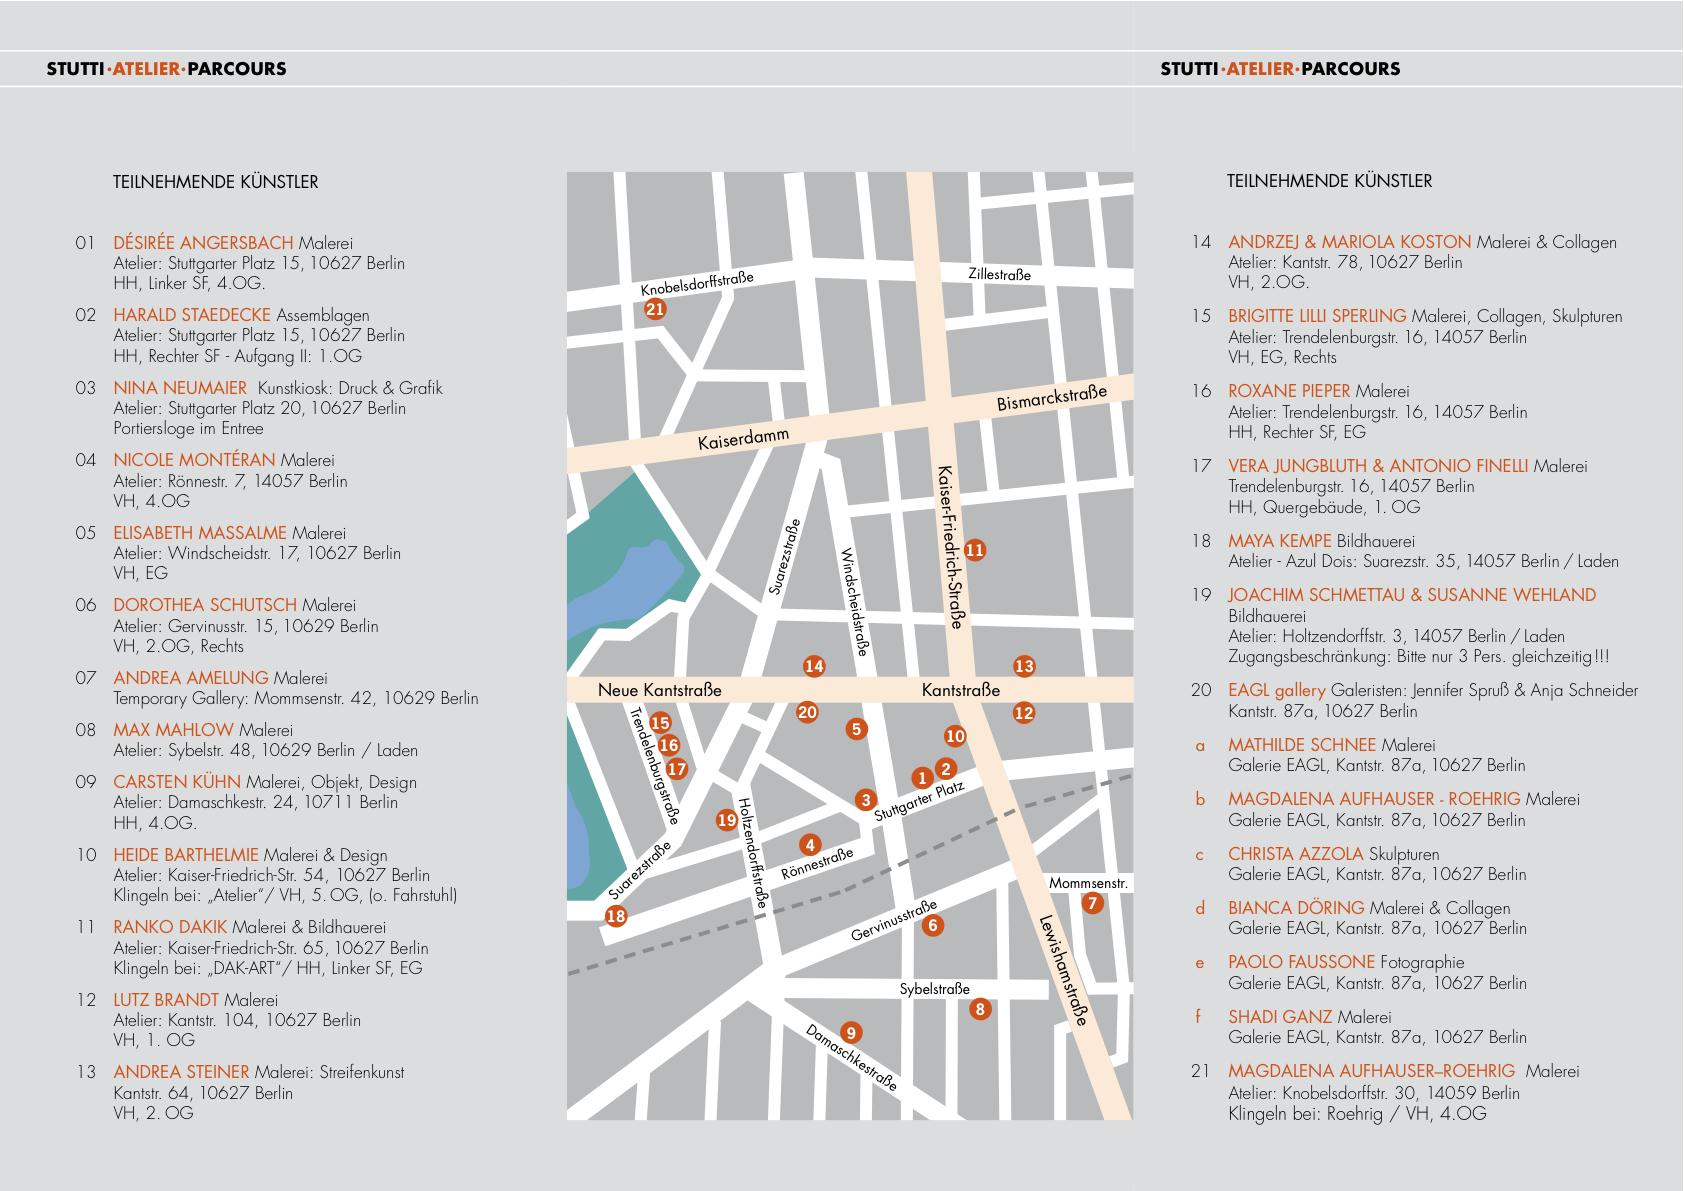 Tickets / Konzertkarten / Eintrittskarten | Stutti Atelier Parcours 2011